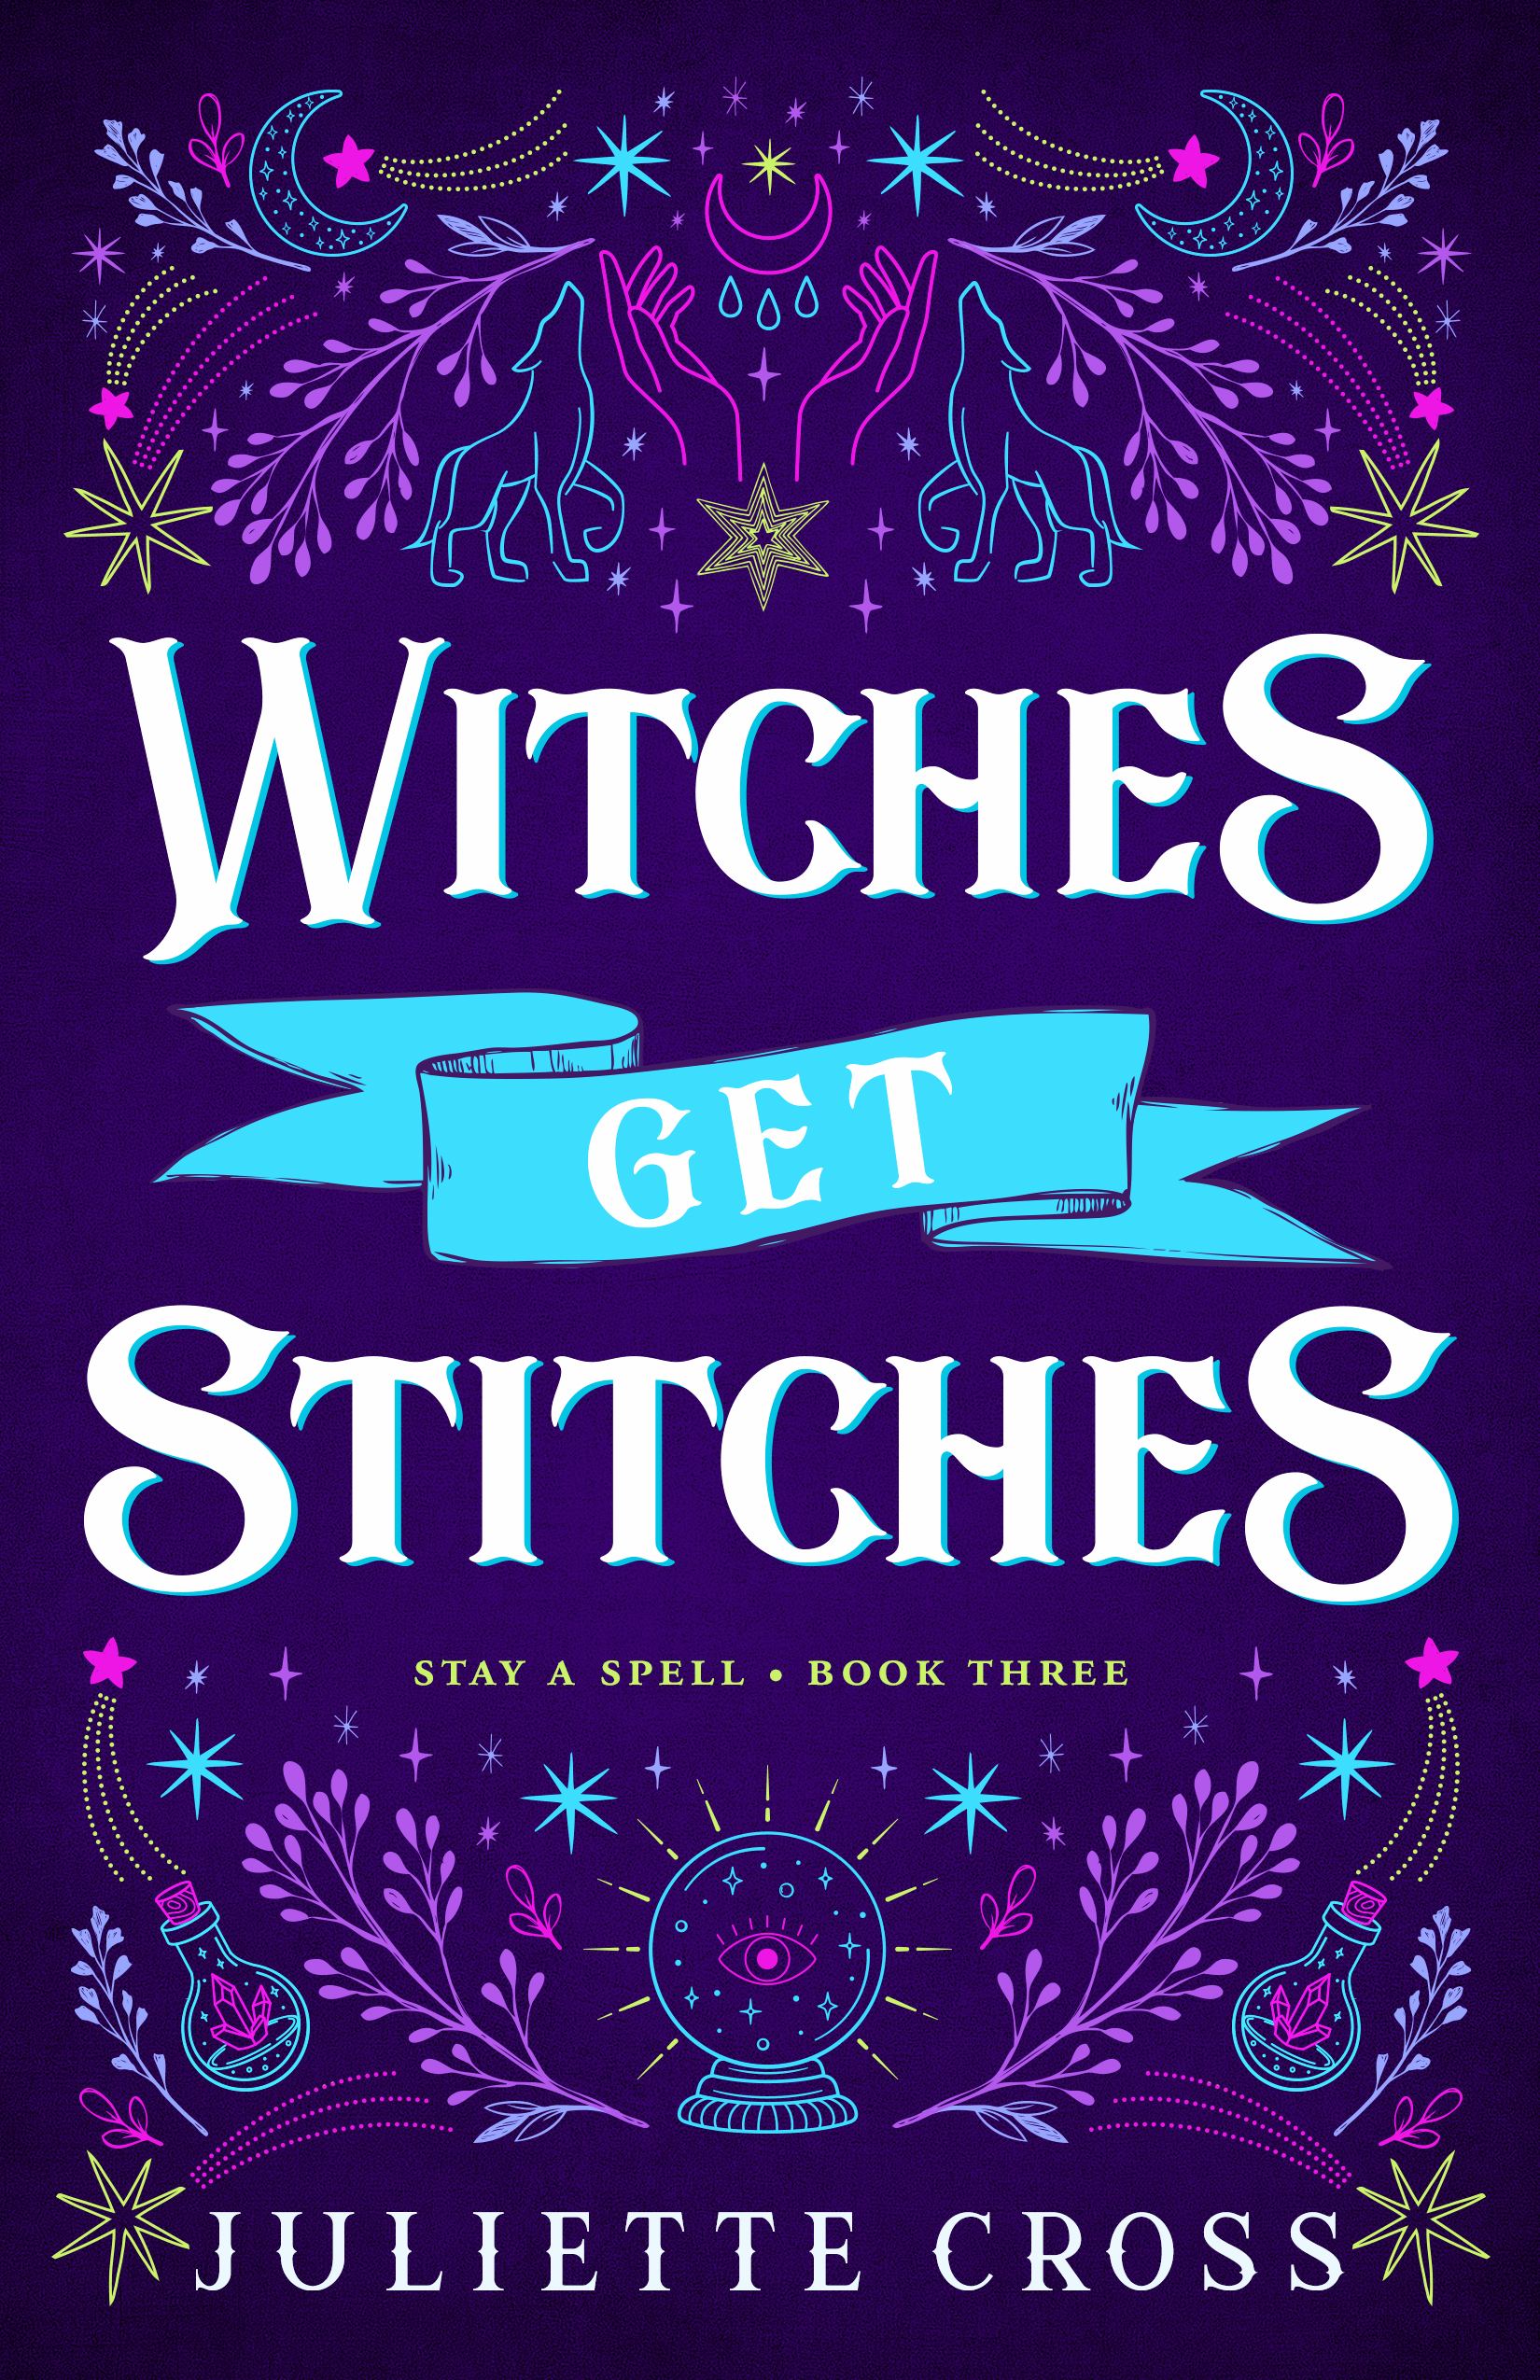 WitchesGetStitches_FC